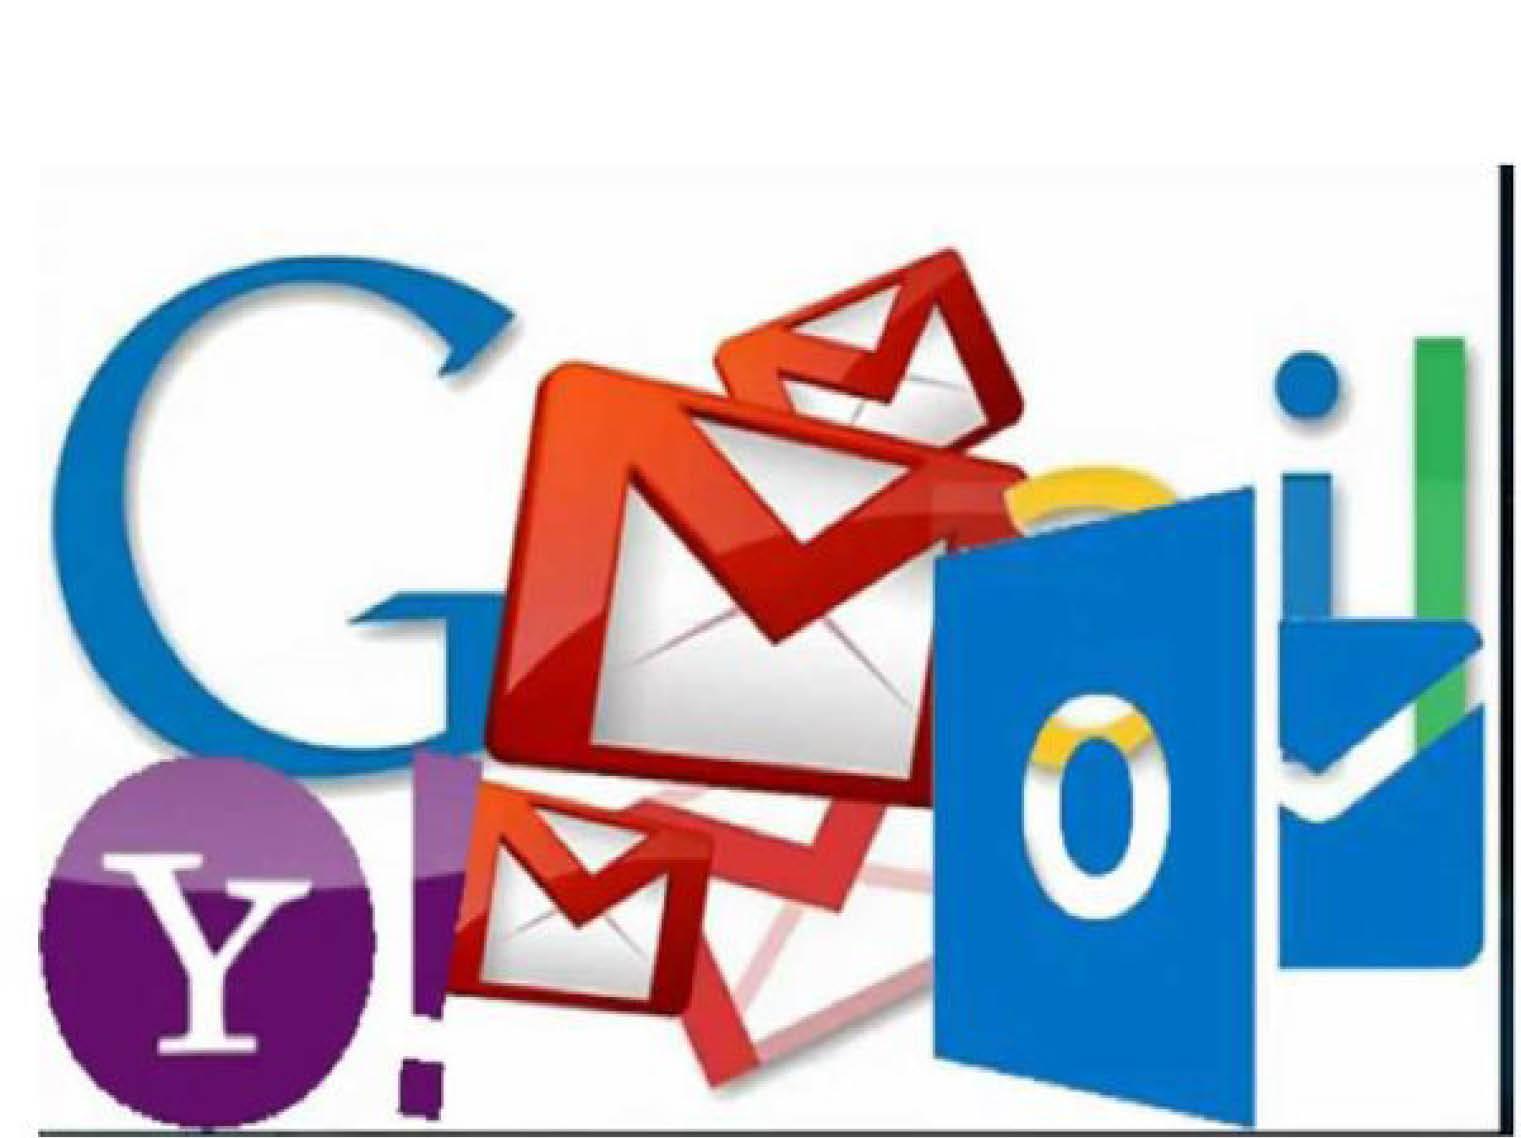 नई पीढ़ी के लिए ईमेल अब तनाव है, टेक्स्टिंग ज्यादा सुविधाजनक; 30 से कम उम्र के लोगों के लिए ईमेल से संवाद प्राथमिकता नहीं|विदेश,International - Dainik Bhaskar